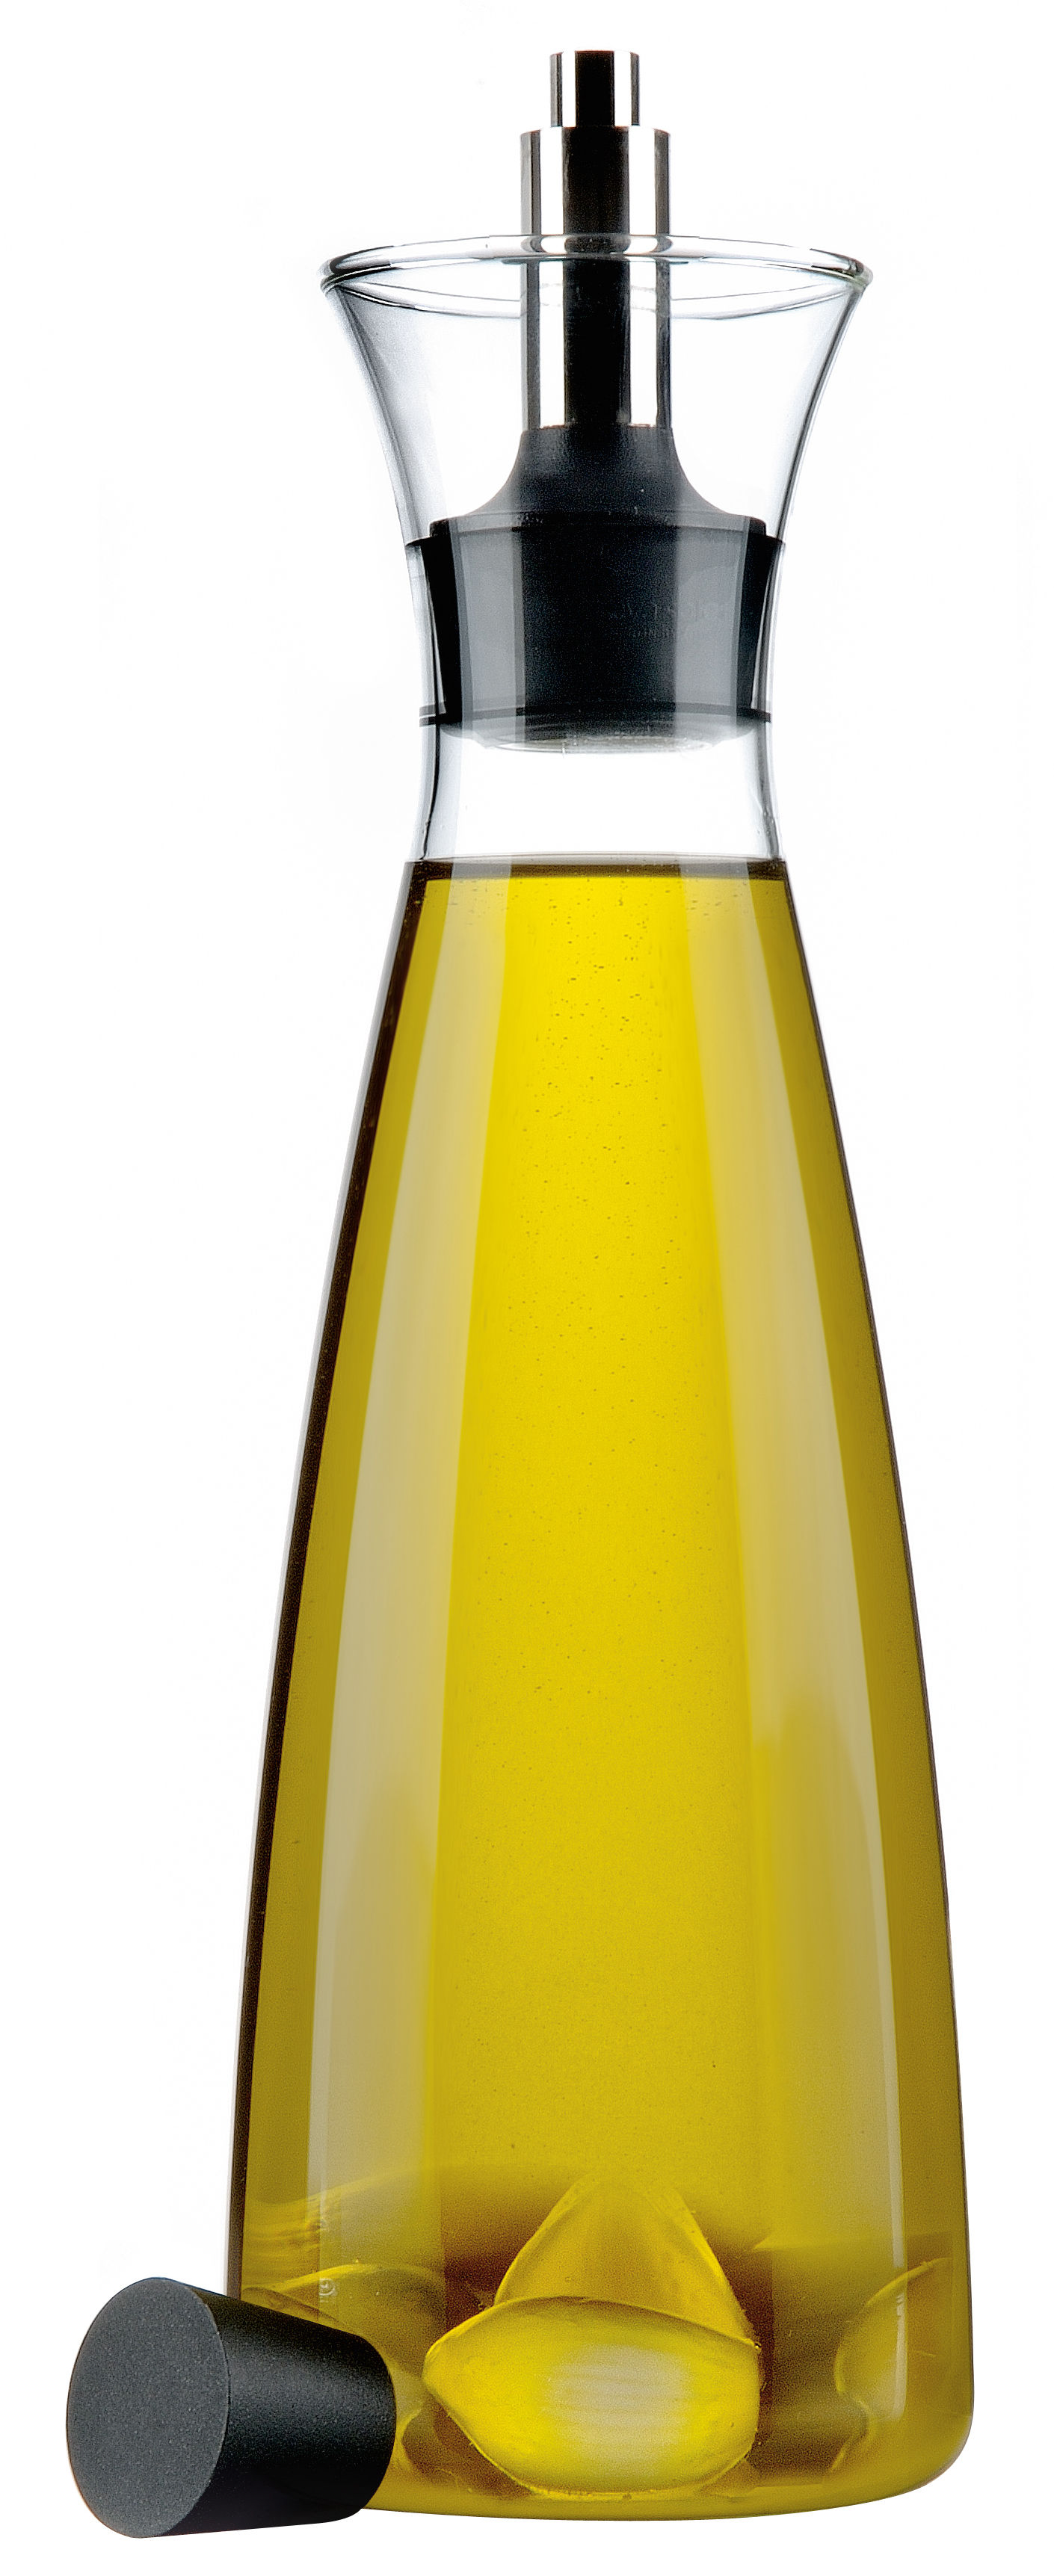 Tischkultur - Öl und Essig - Ölständer Tropffreie Öl/Essig Karaffe - Eva Solo - Durchsichtig - Glas, rostfreier Stahl